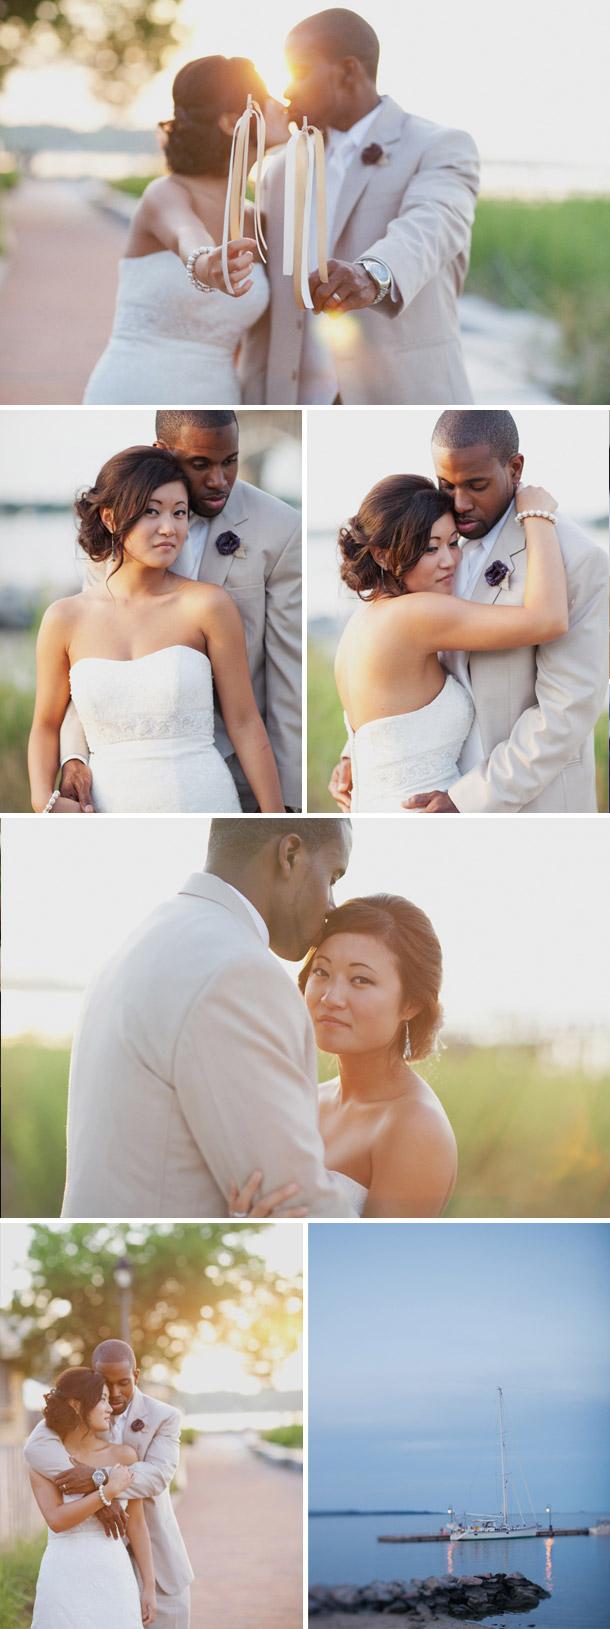 Katie und Johns Hochzeit von Jodi Miller Photography